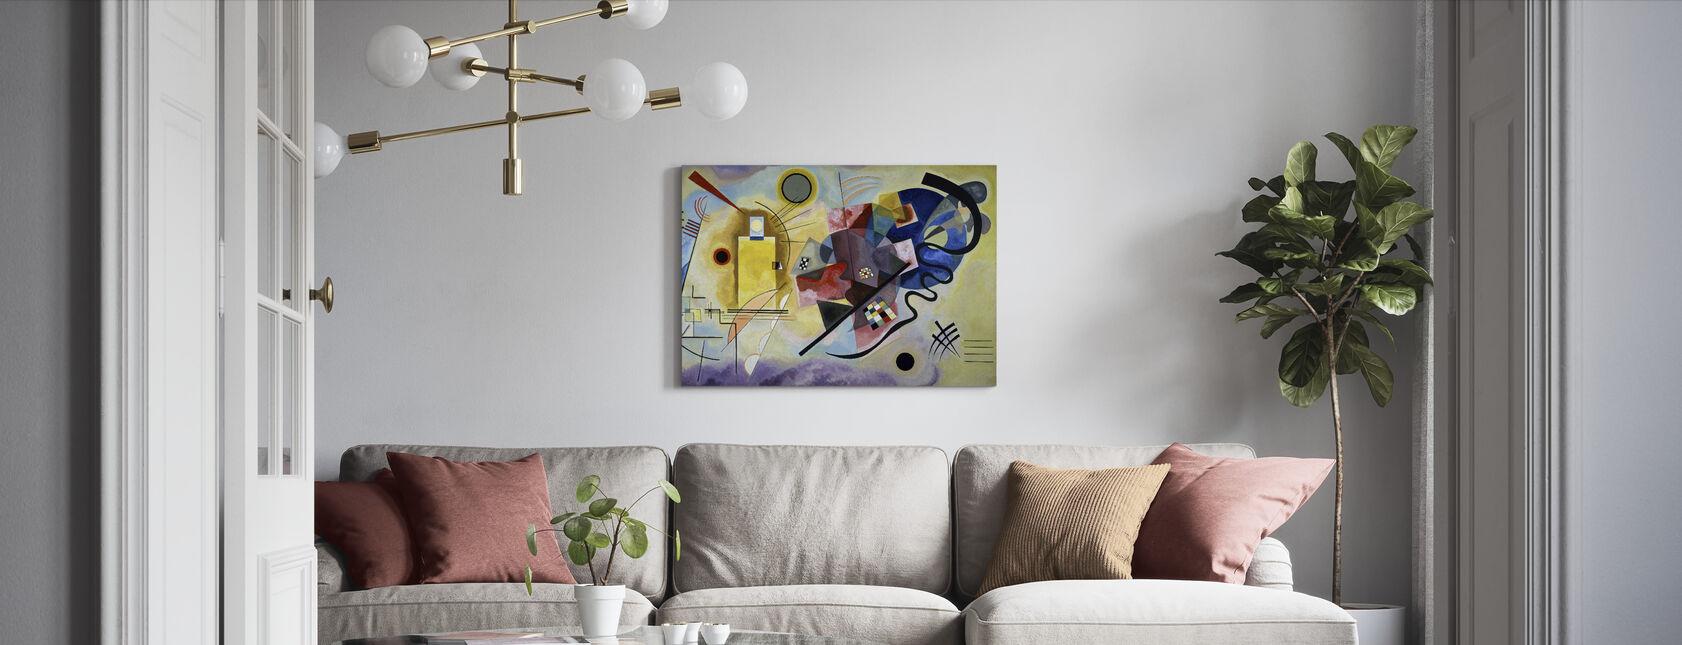 Gul Rød og Blå - Vassily Kandinsky - Billede på lærred - Stue